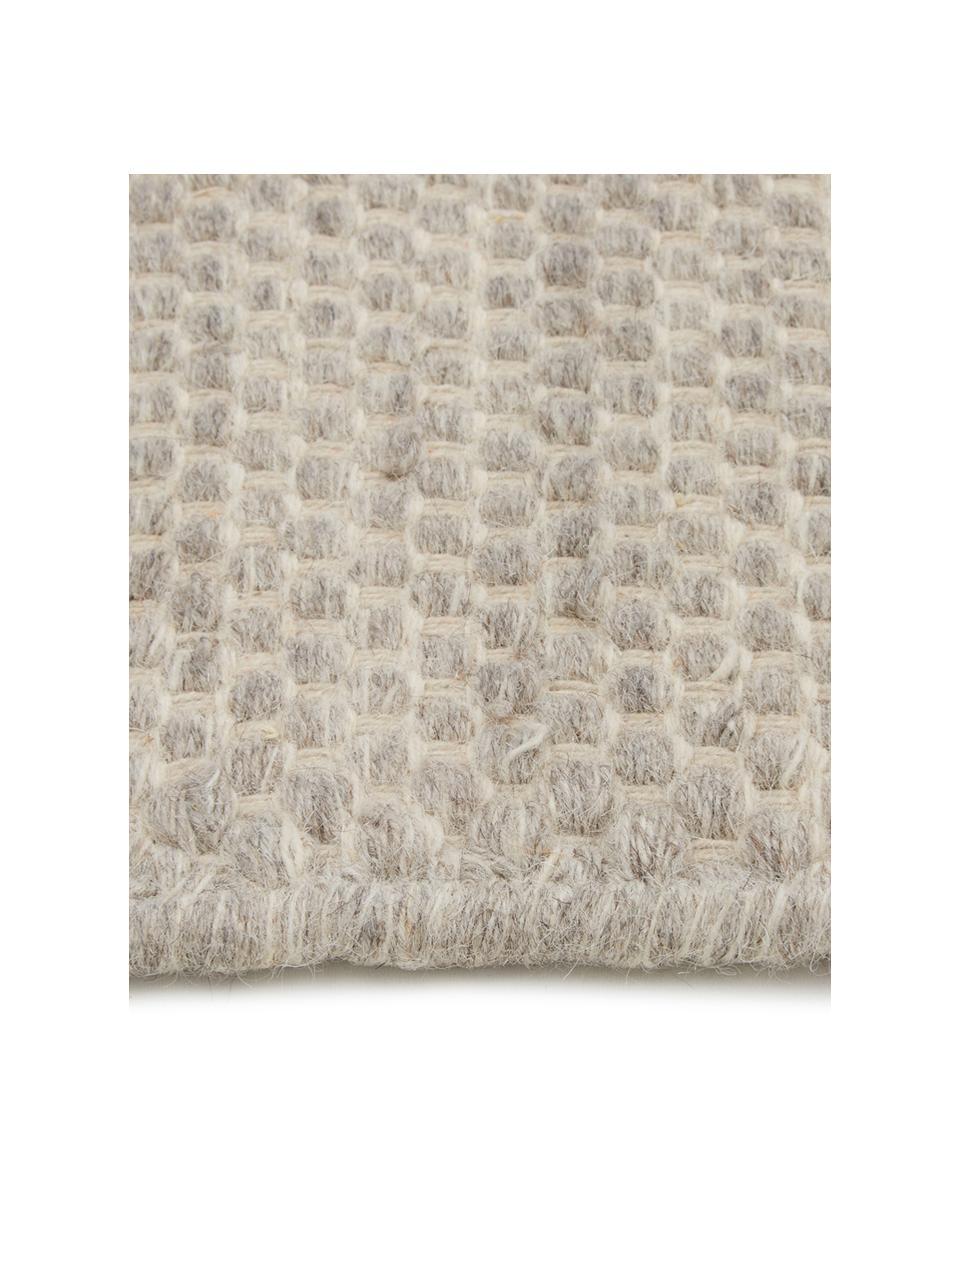 Handgewebter Kelimteppich Delight aus Wolle in Hellgrau, 90%Wolle, 10%Baumwolle  Bei Wollteppichen können sich in den ersten Wochen der Nutzung Fasern lösen, dies reduziert sich durch den täglichen Gebrauch und die Flusenbildung geht zurück., Hellgrau, B 200 x L 300 cm (Größe L)